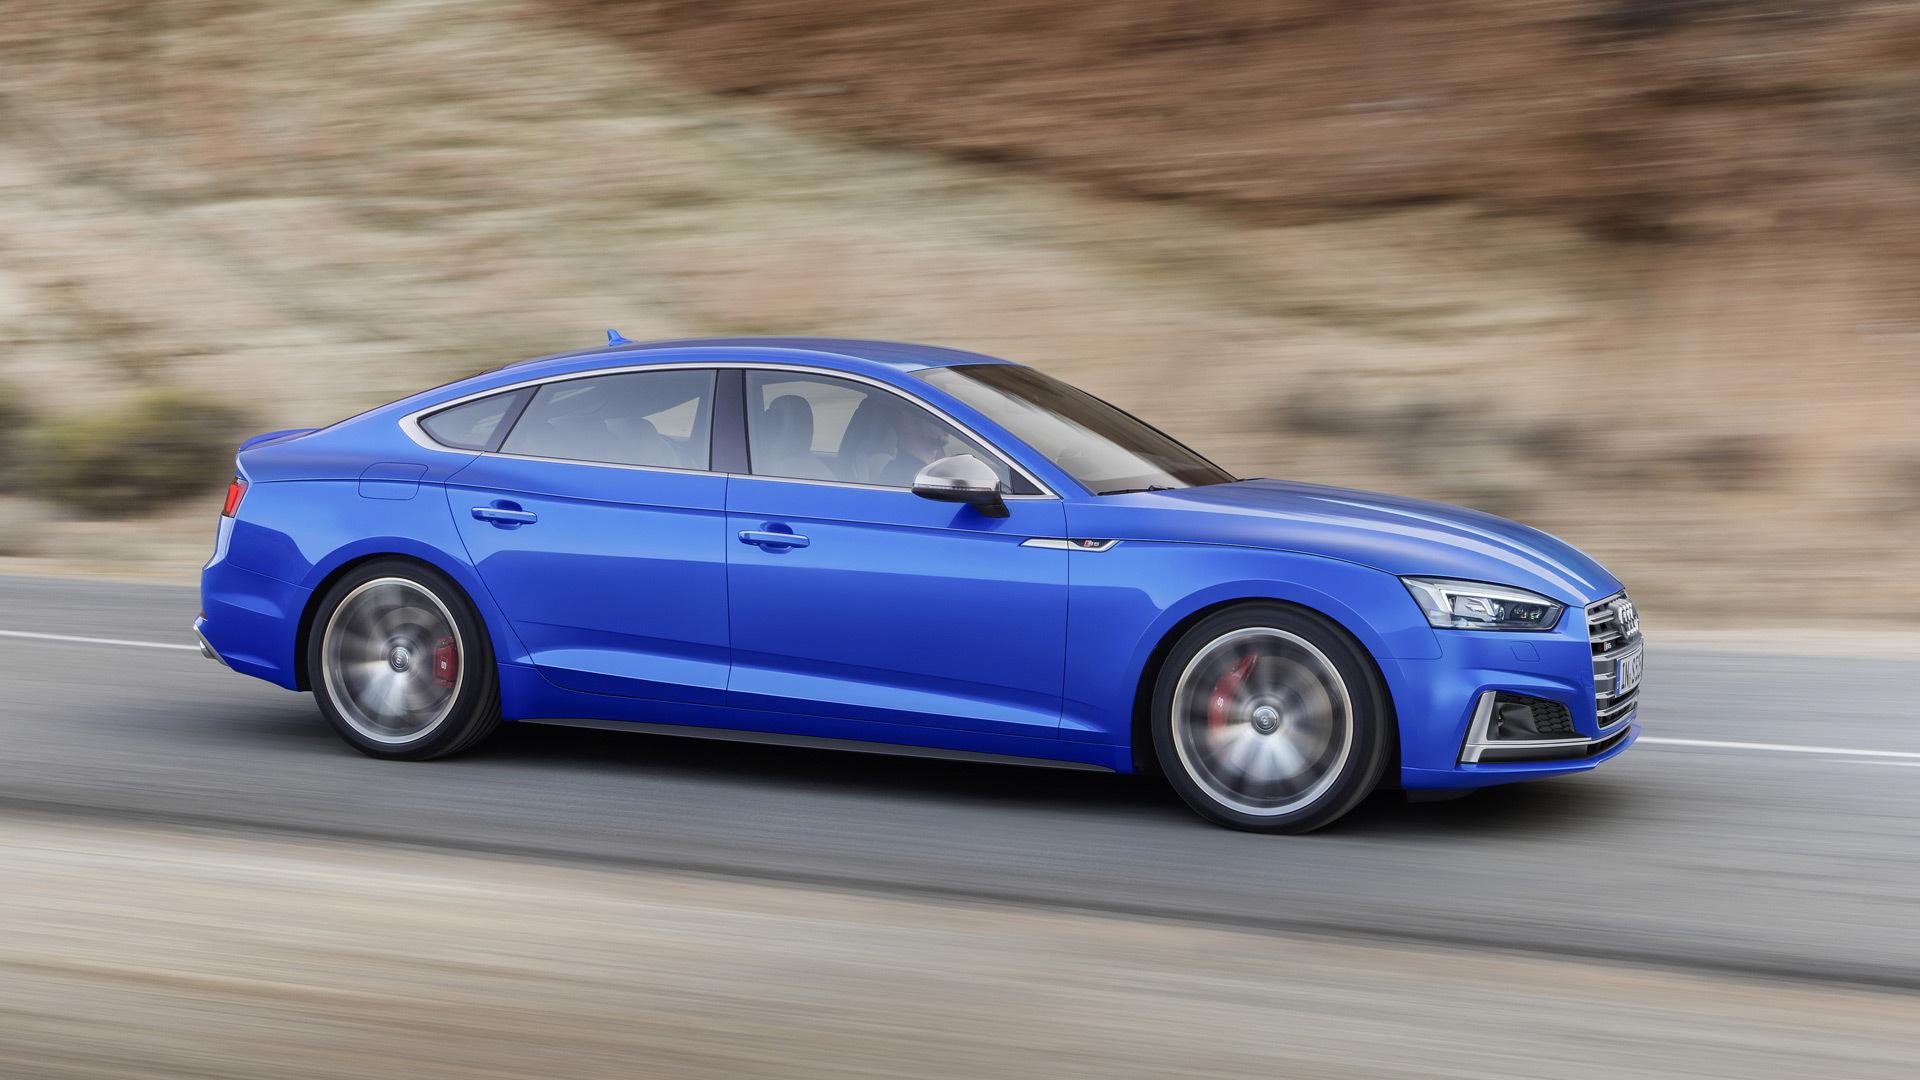 Kelebihan Audi A5 2018 Spesifikasi